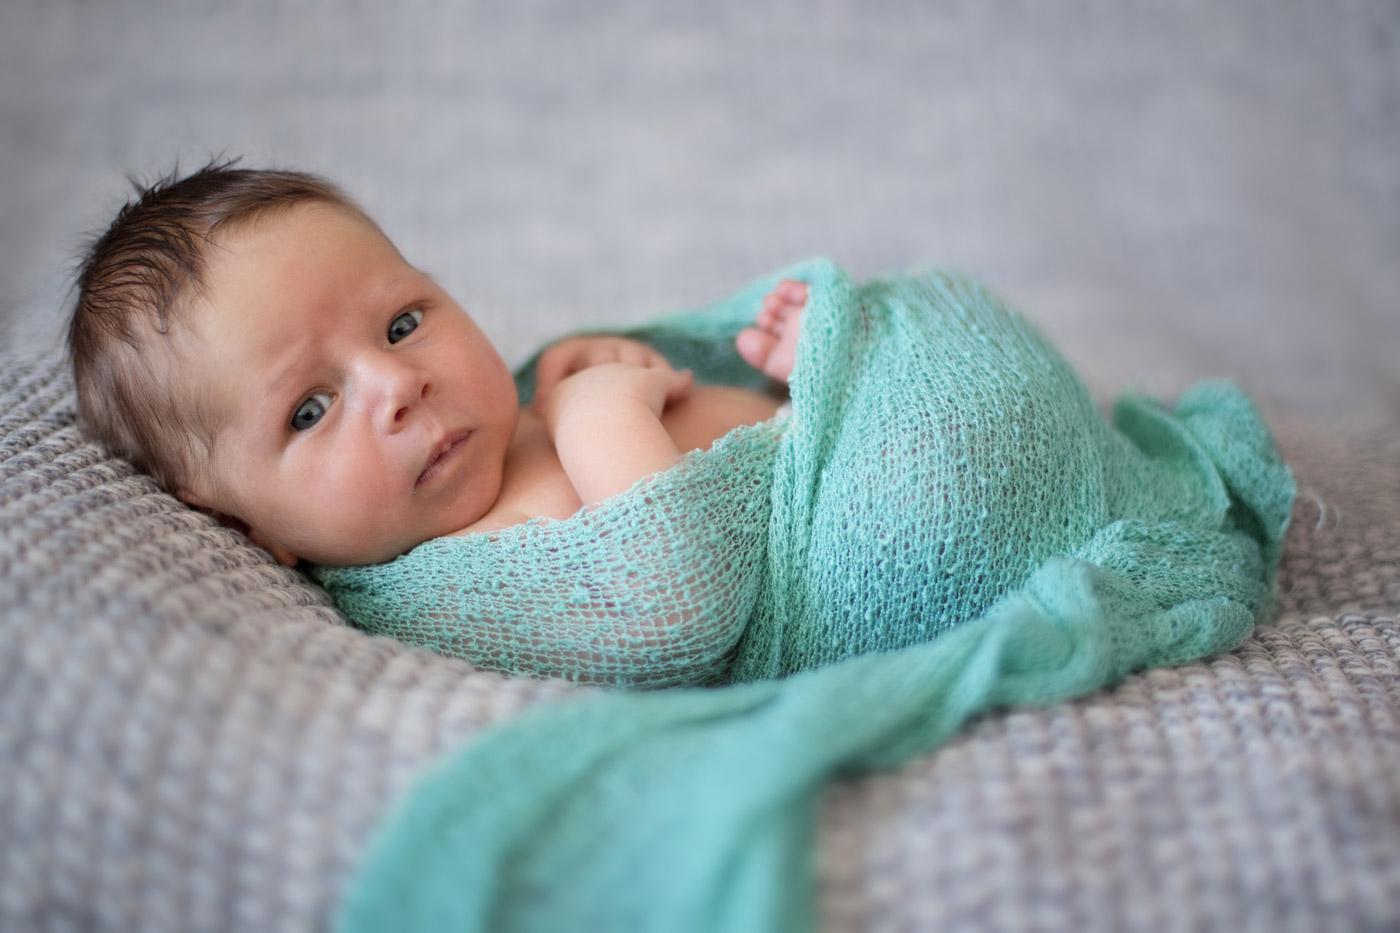 bebé envuelto en un wrap azul newborn